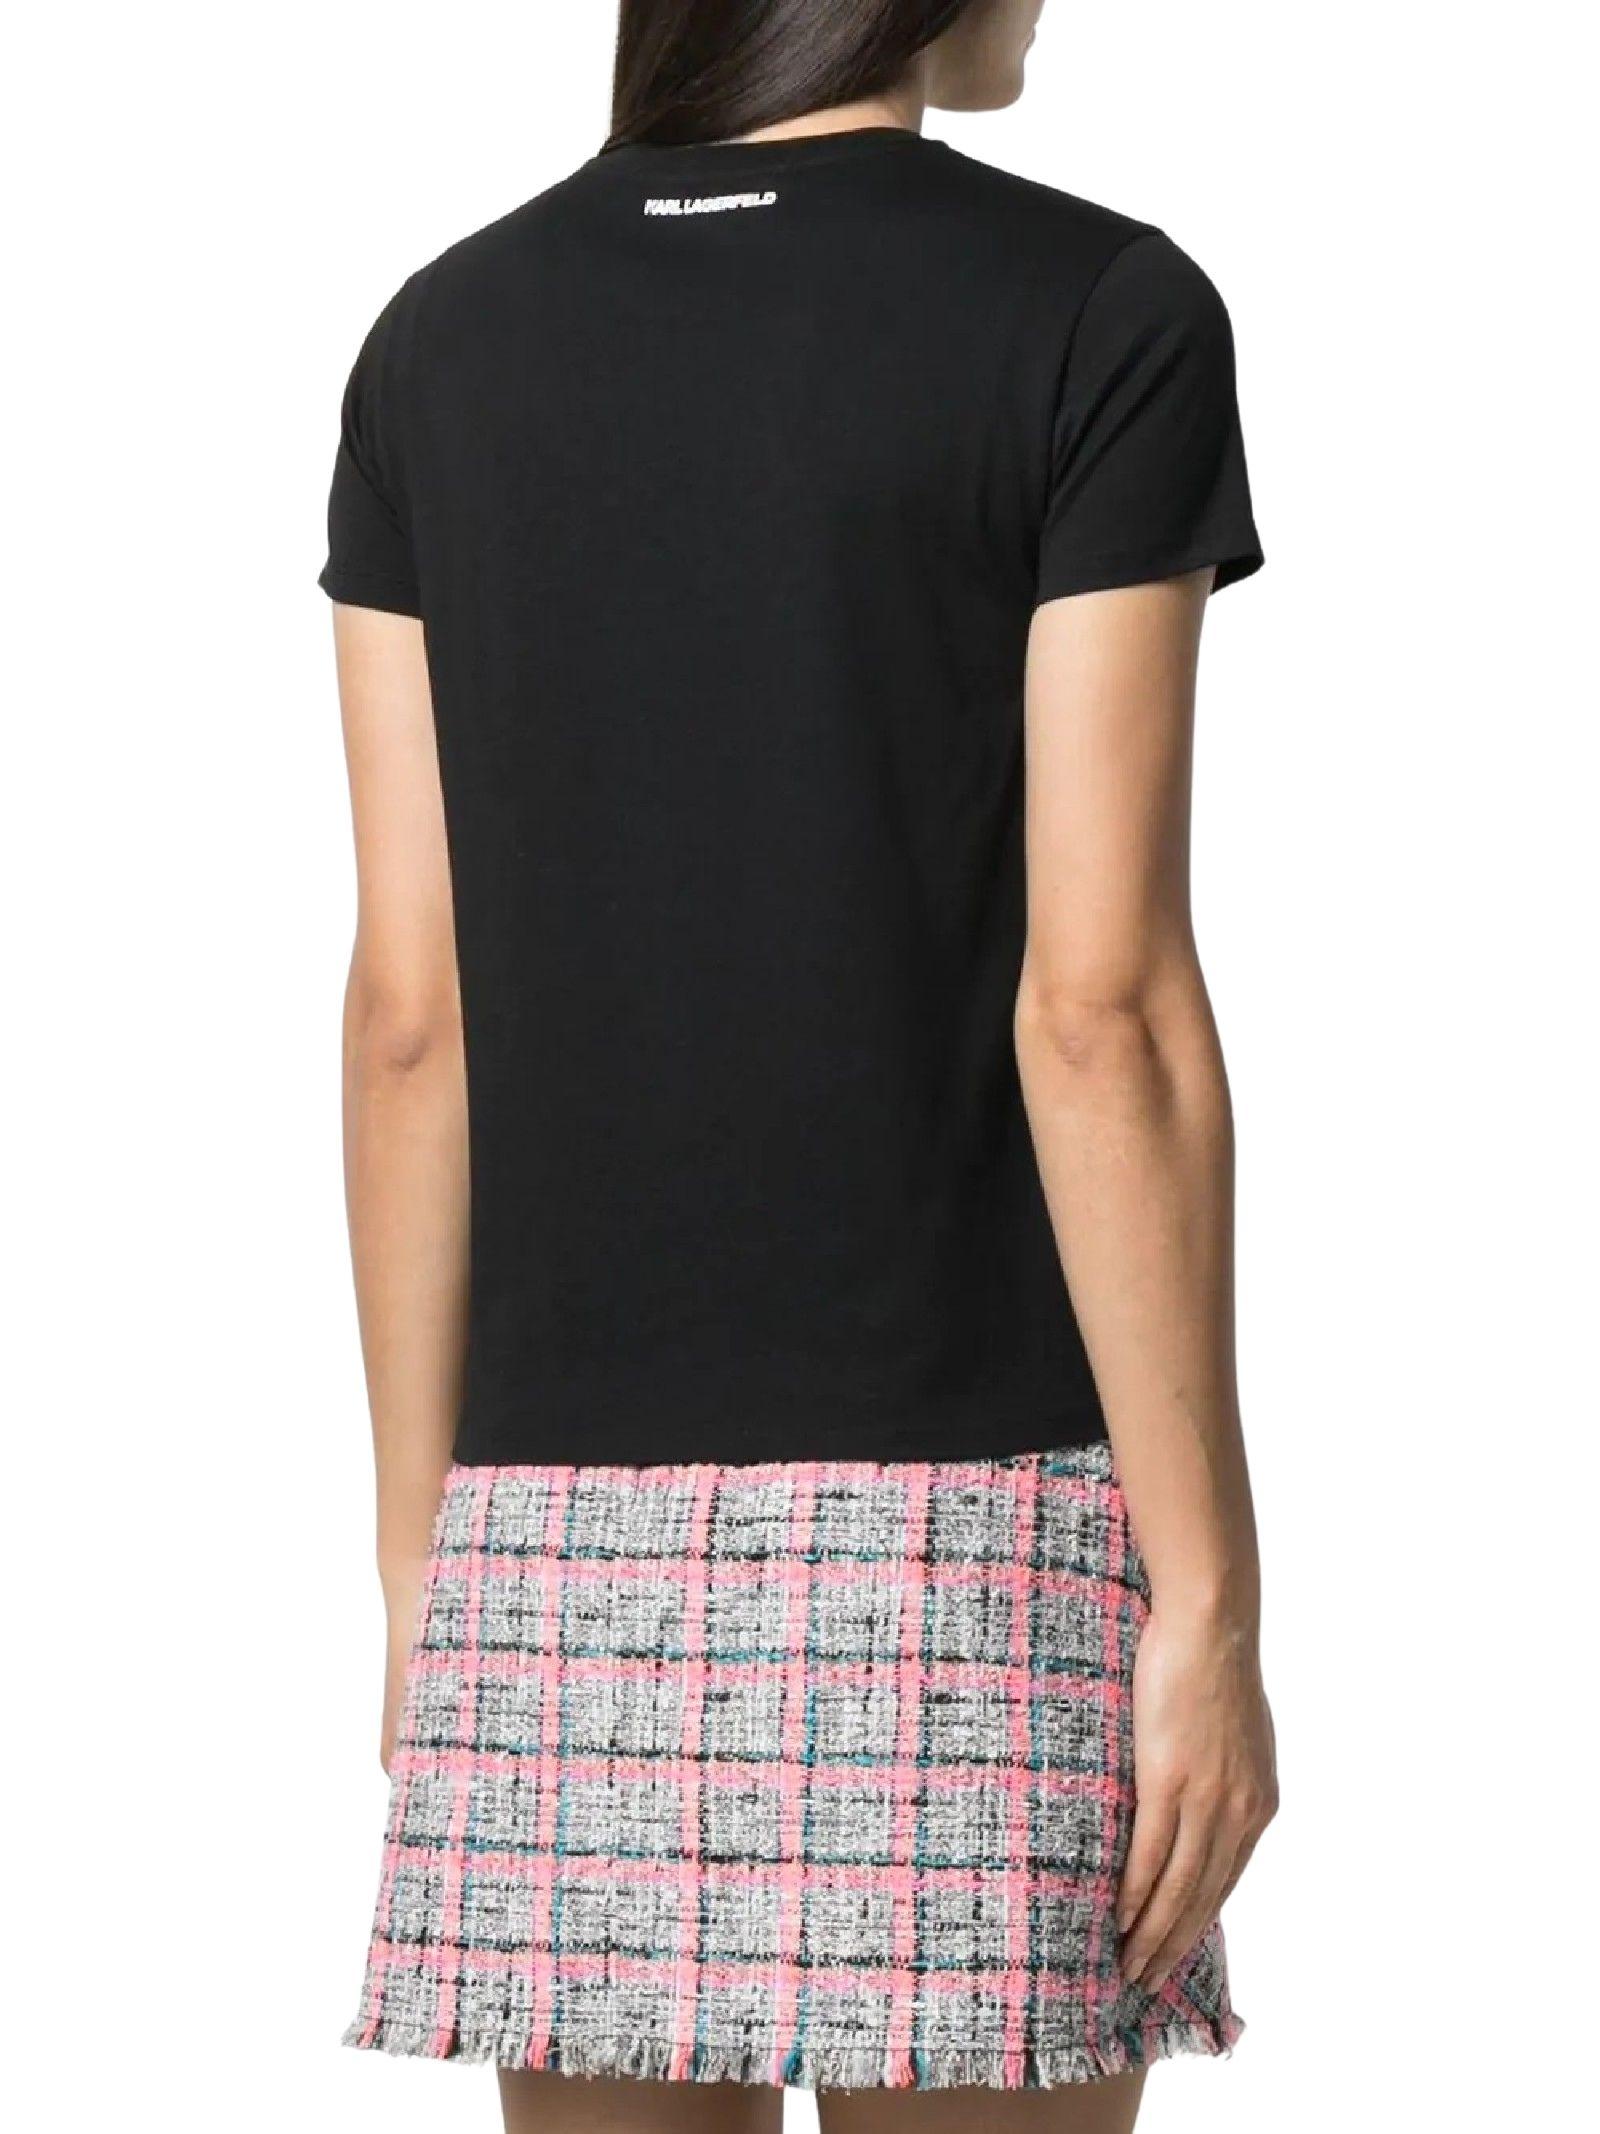 T-SHIRT CON PROFILO KARL BOUCLÉ KARL LAGERFELD   T-shirt   211W1702999